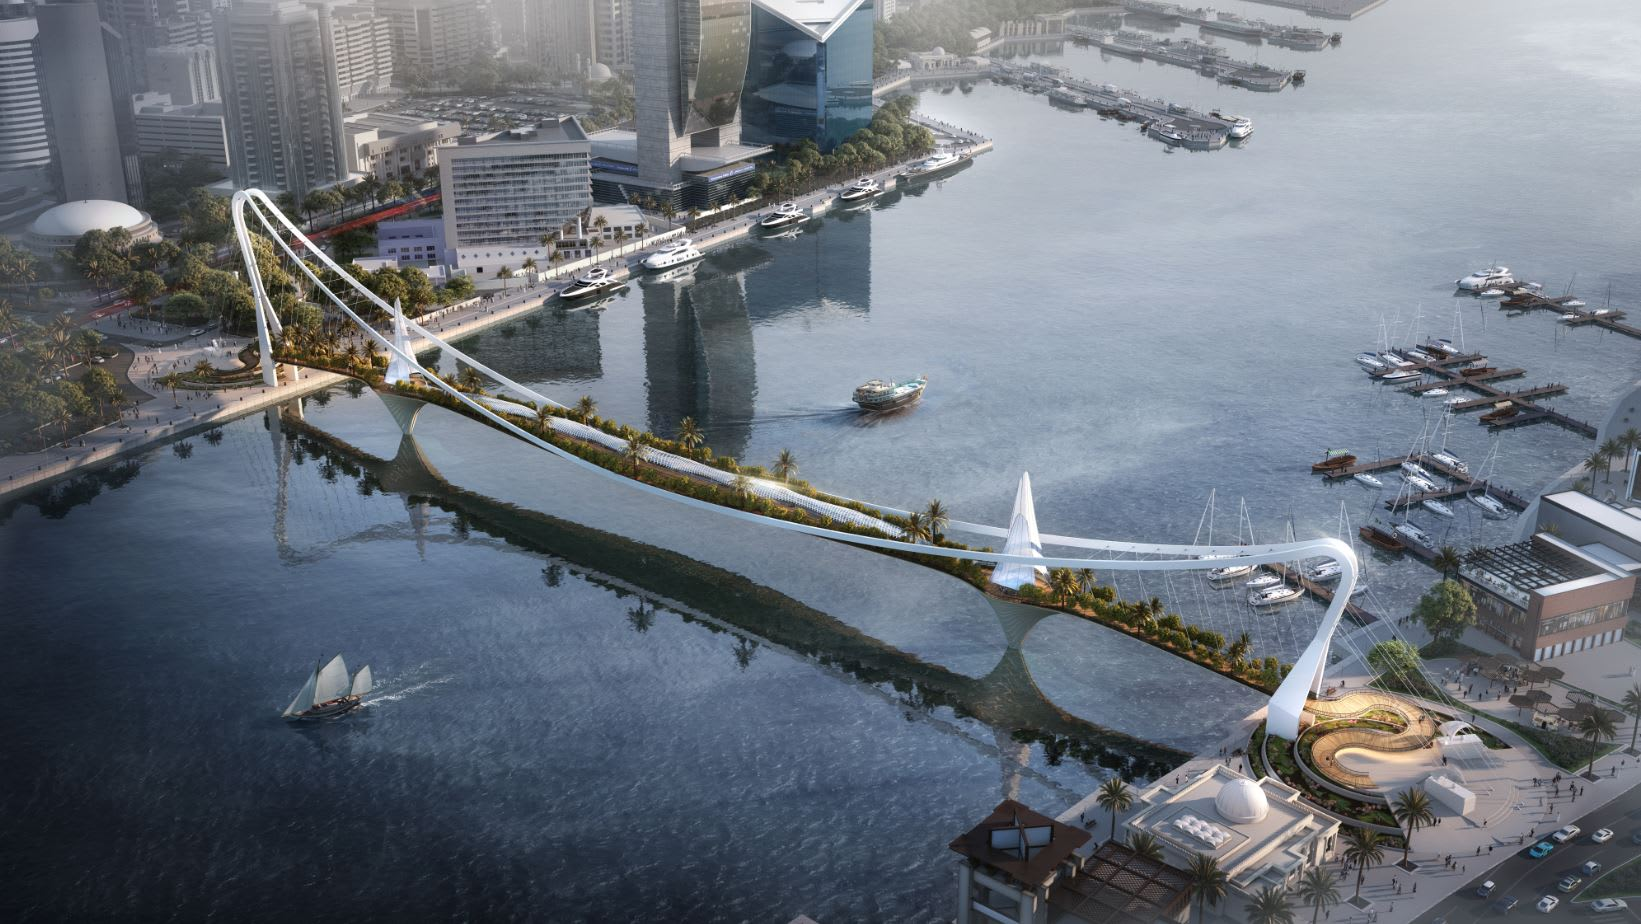 مستوحى من حديقة بابل المعلقة.. تعرف إلى جسر المشاة المبهر الذي تخطط دبي له